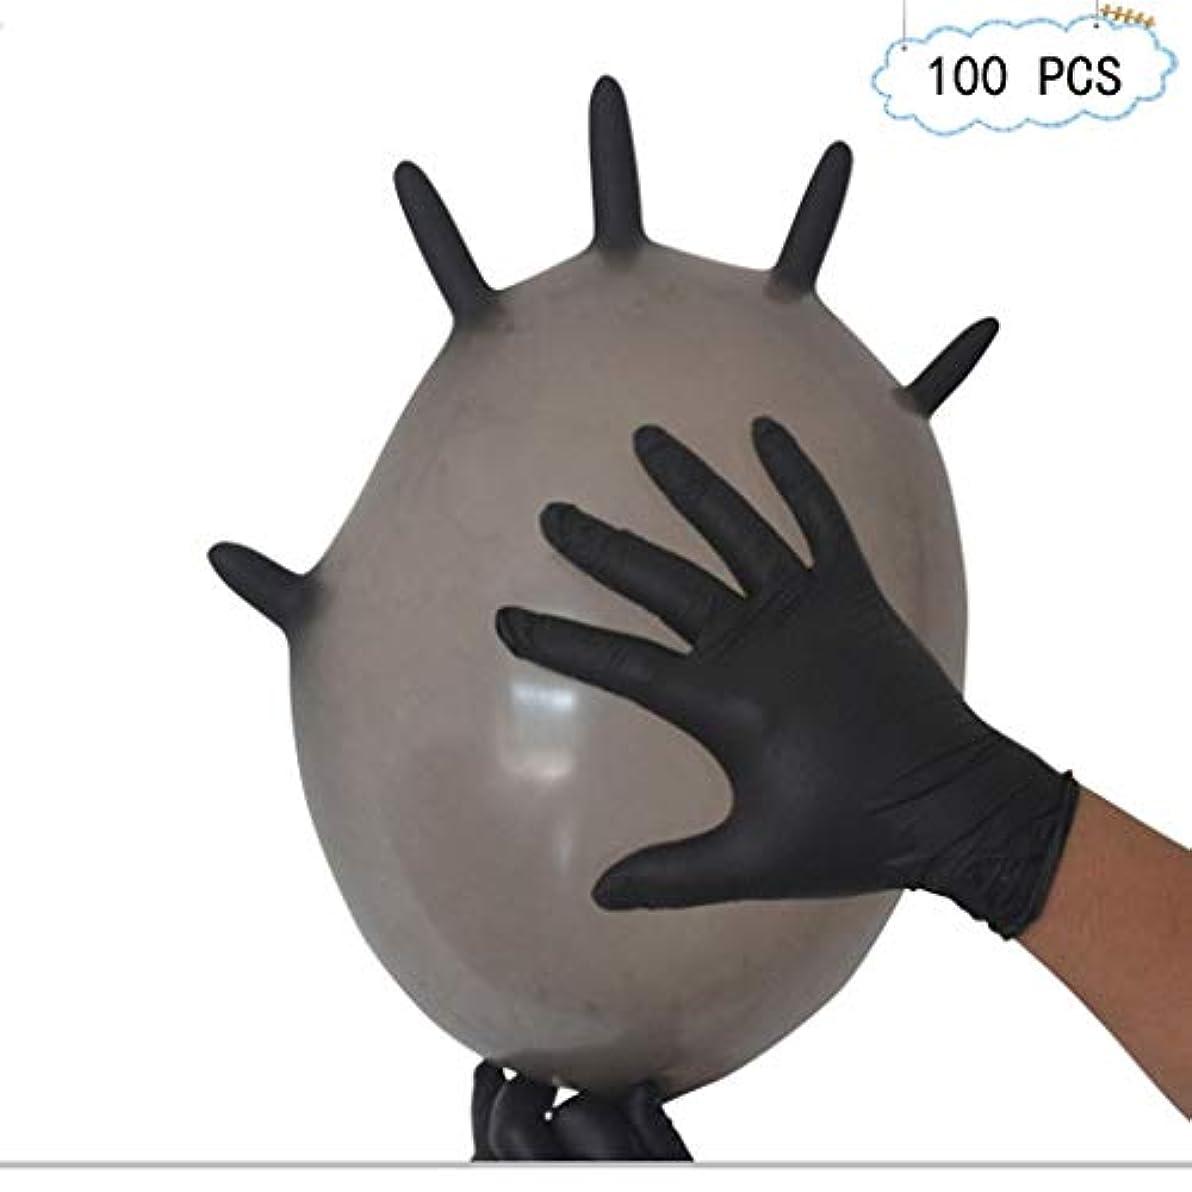 半球信頼性のあるハイライトニトリル手袋使い捨てニトリル手袋耐油性試験黒色タトゥー産業労働保険ゴム製食器洗いデューティー試験手袋|病院向けのプロフェッショナルグレード (Size : L)